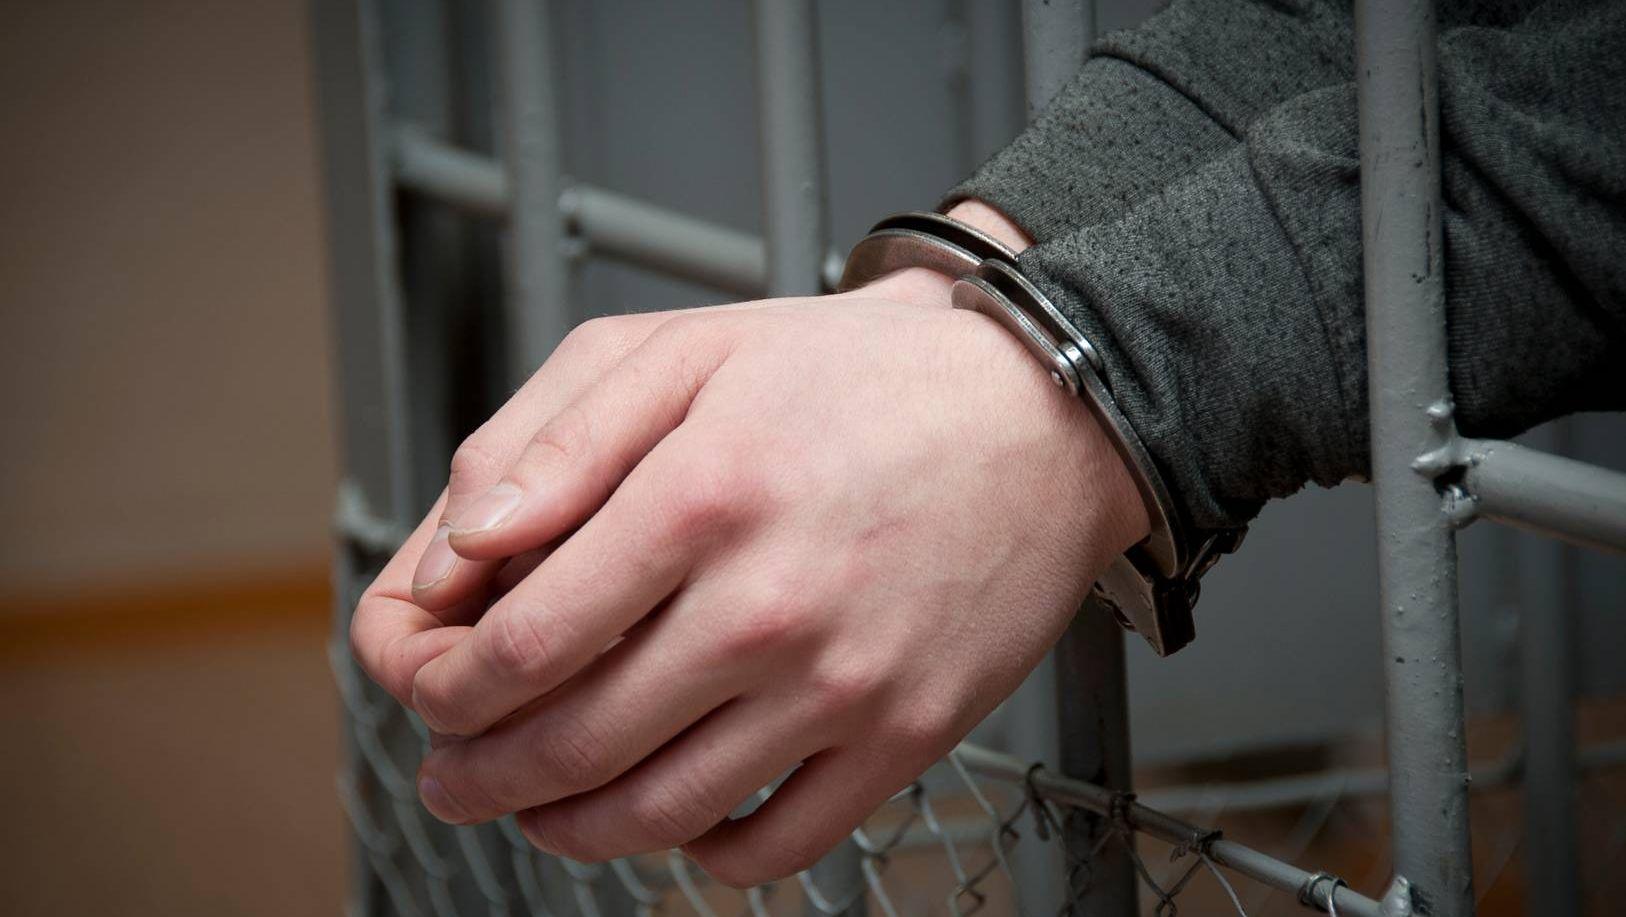 Тюрьма [minjust.ru]